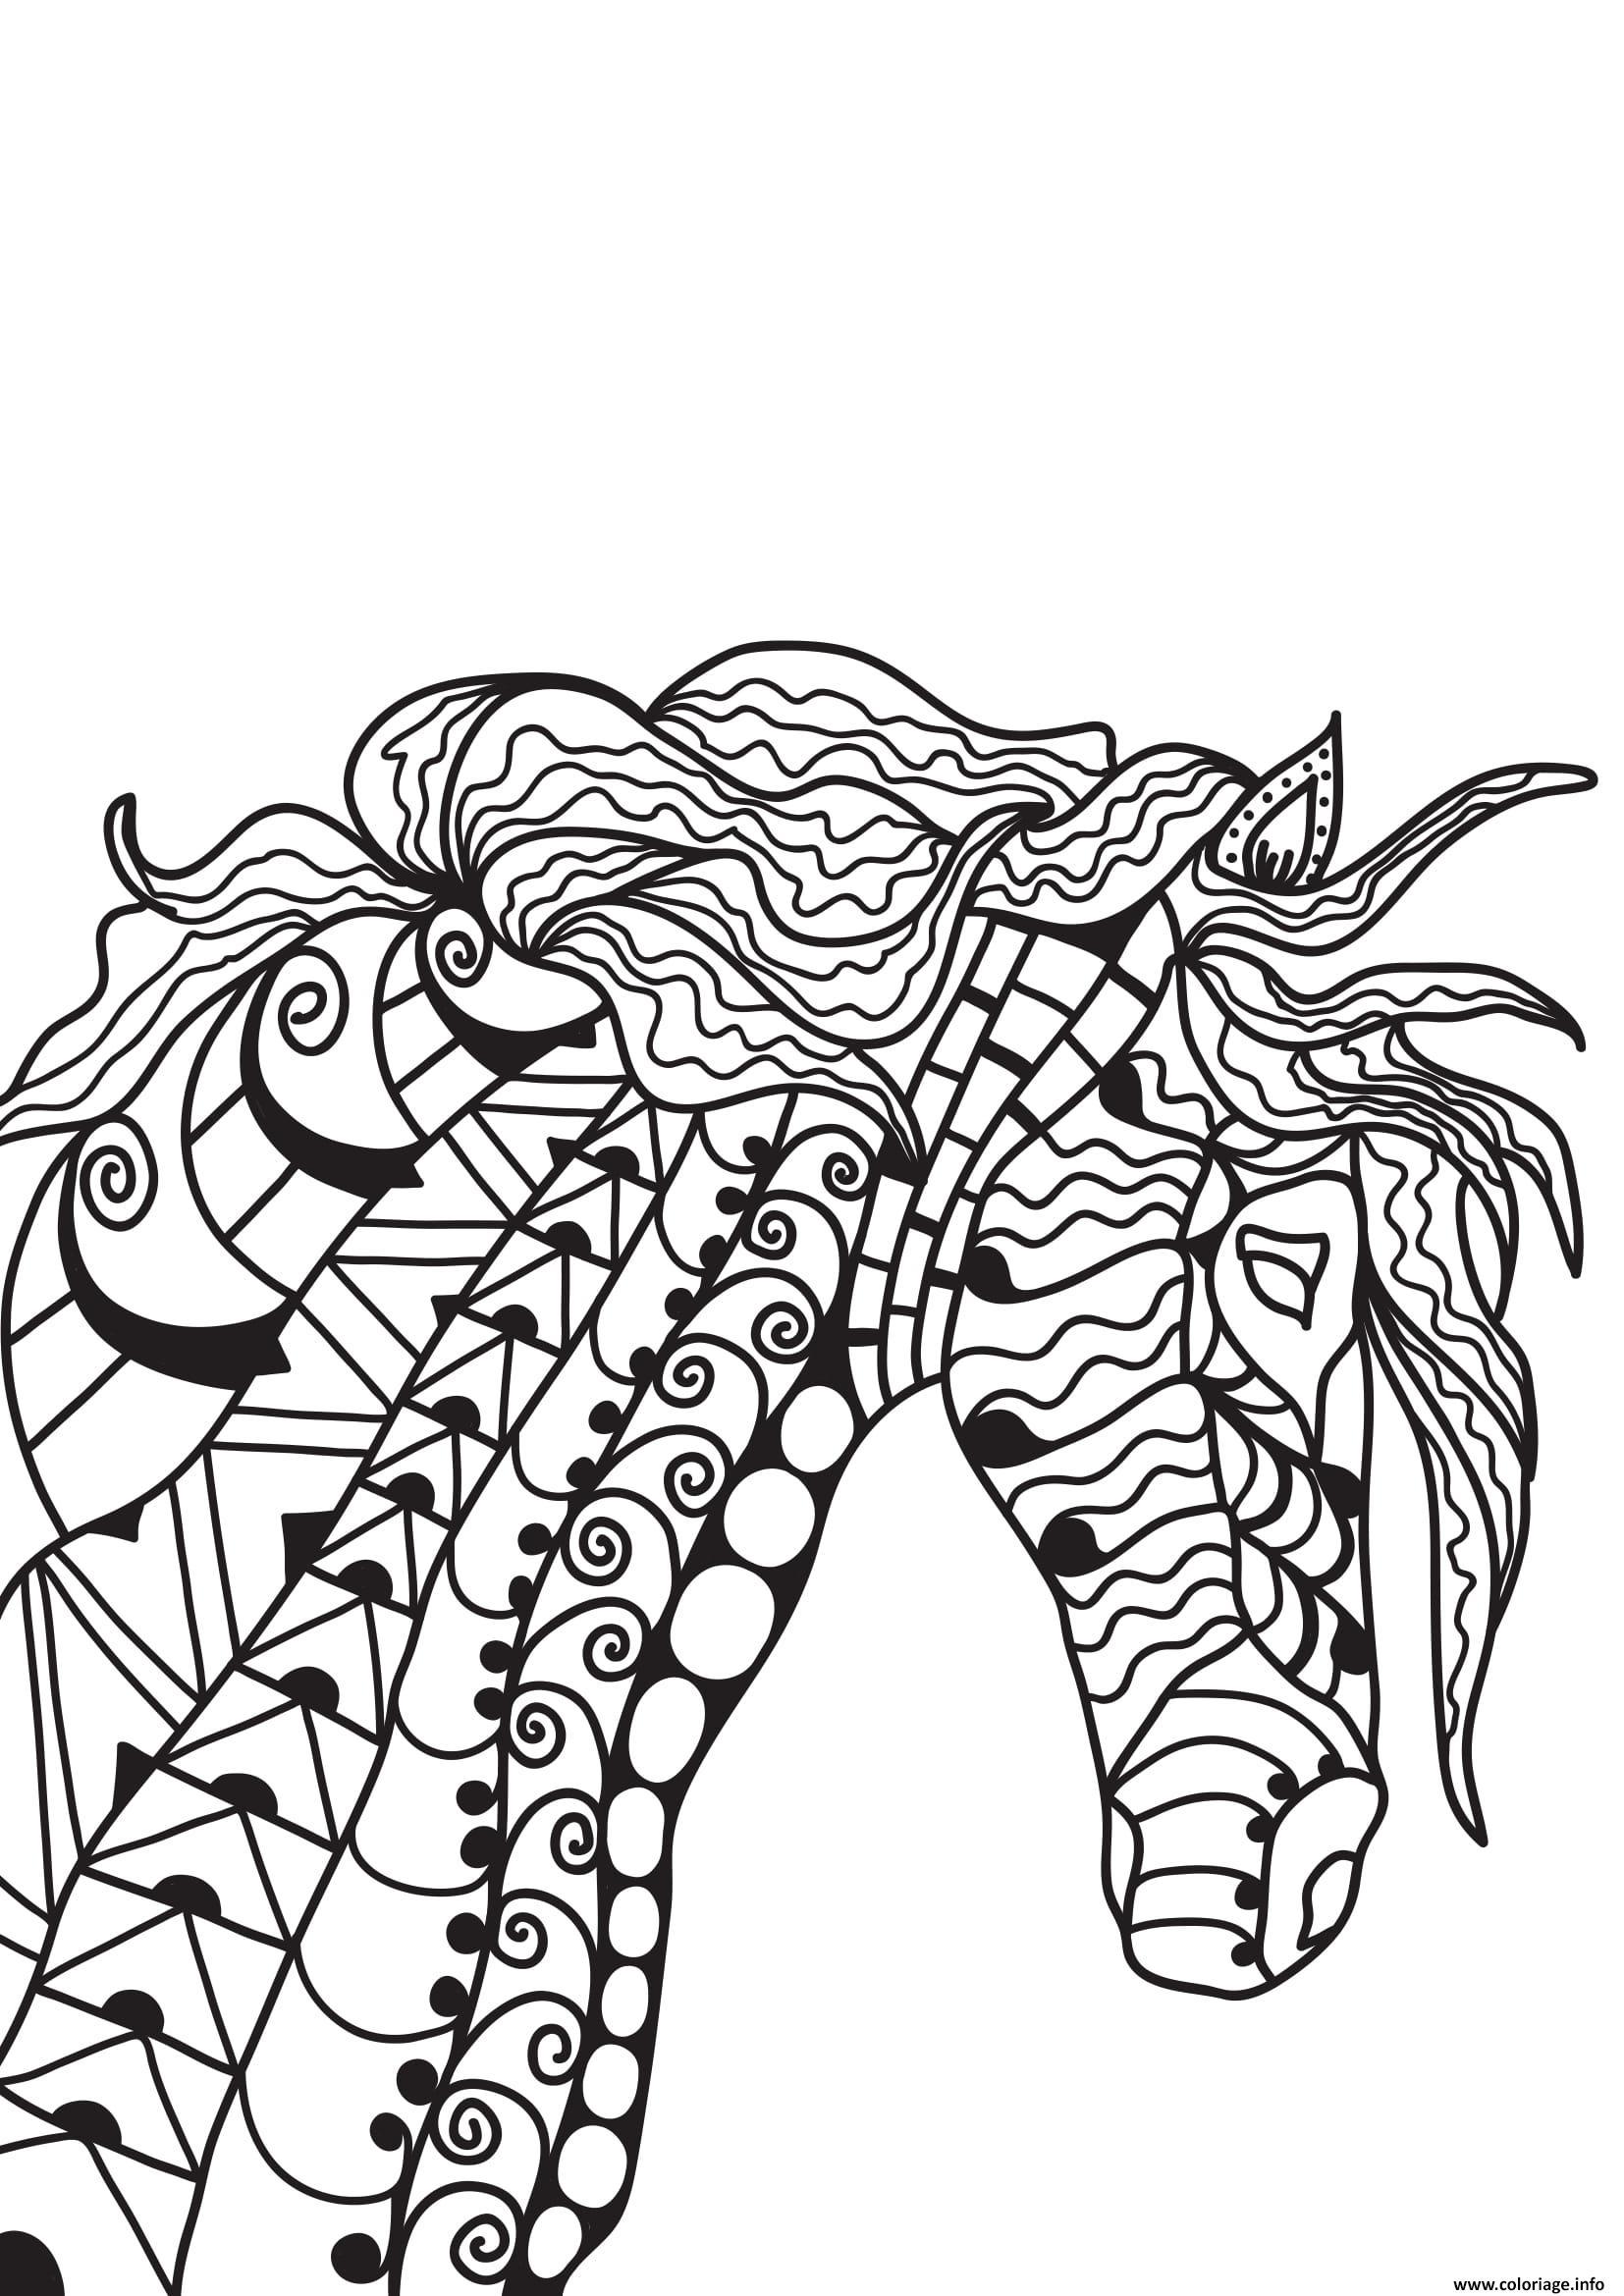 Dessin cheval pour adulte 33 Coloriage Gratuit à Imprimer